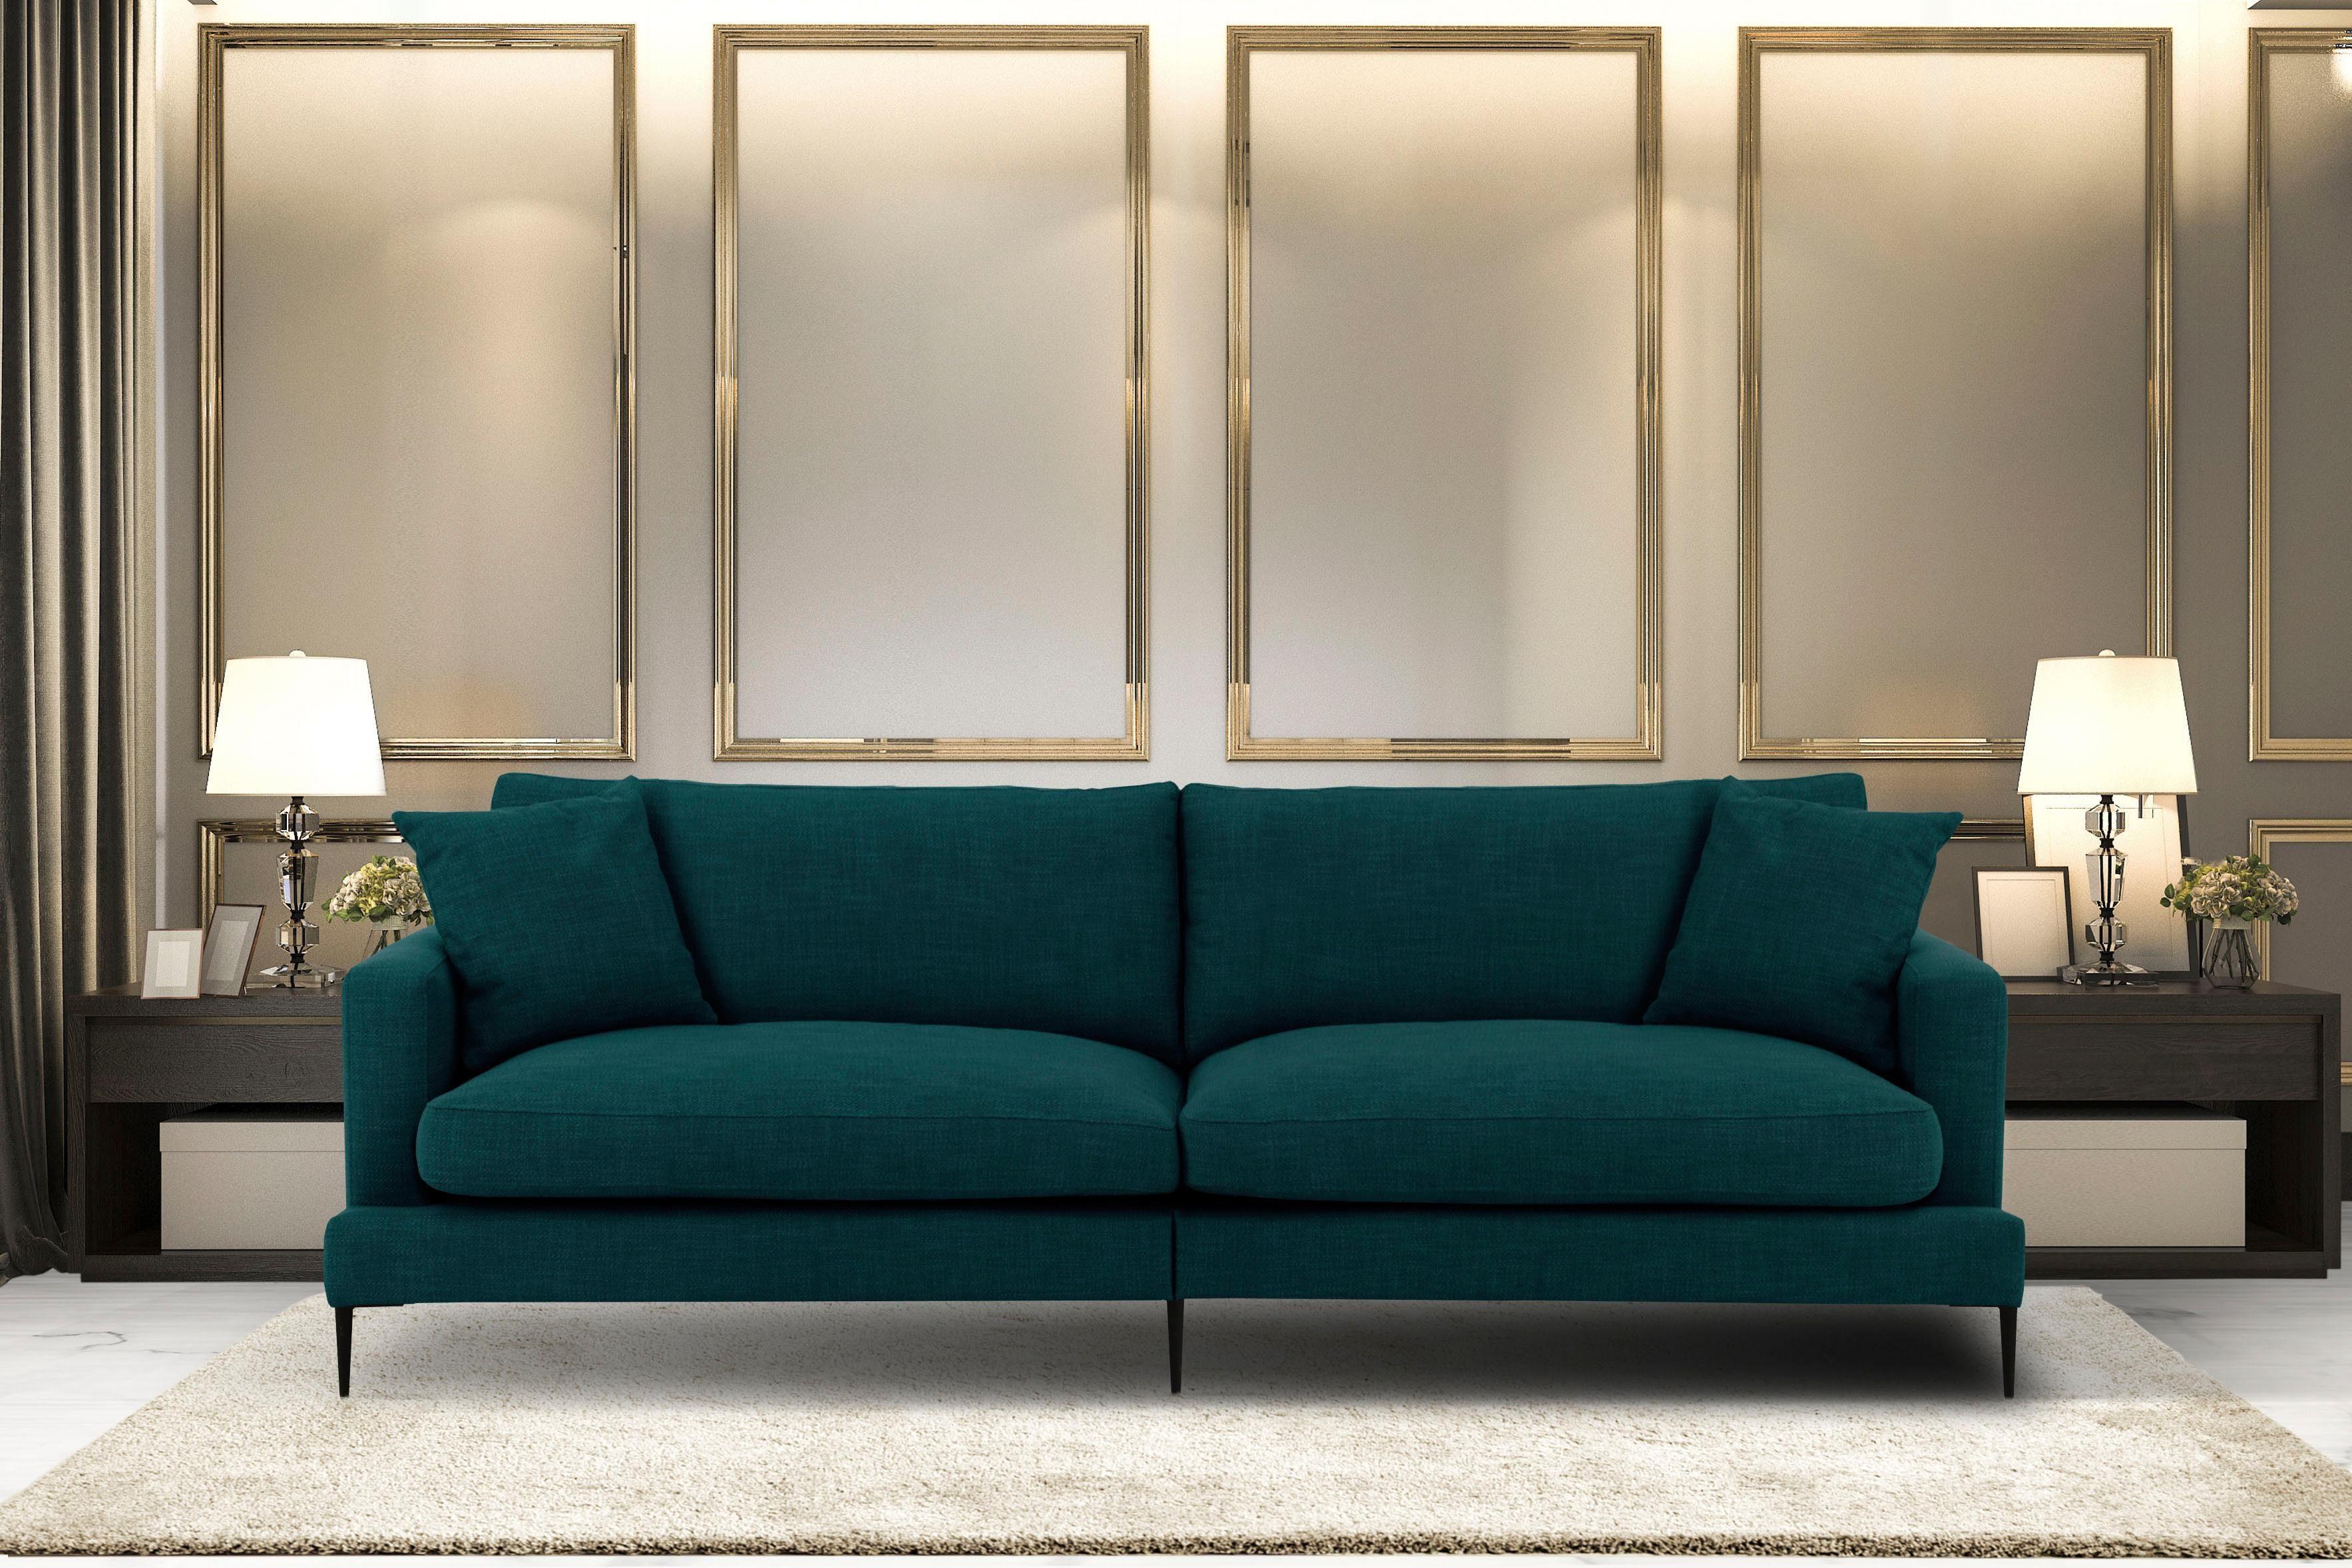 Leonique Big-Sofa Cozy